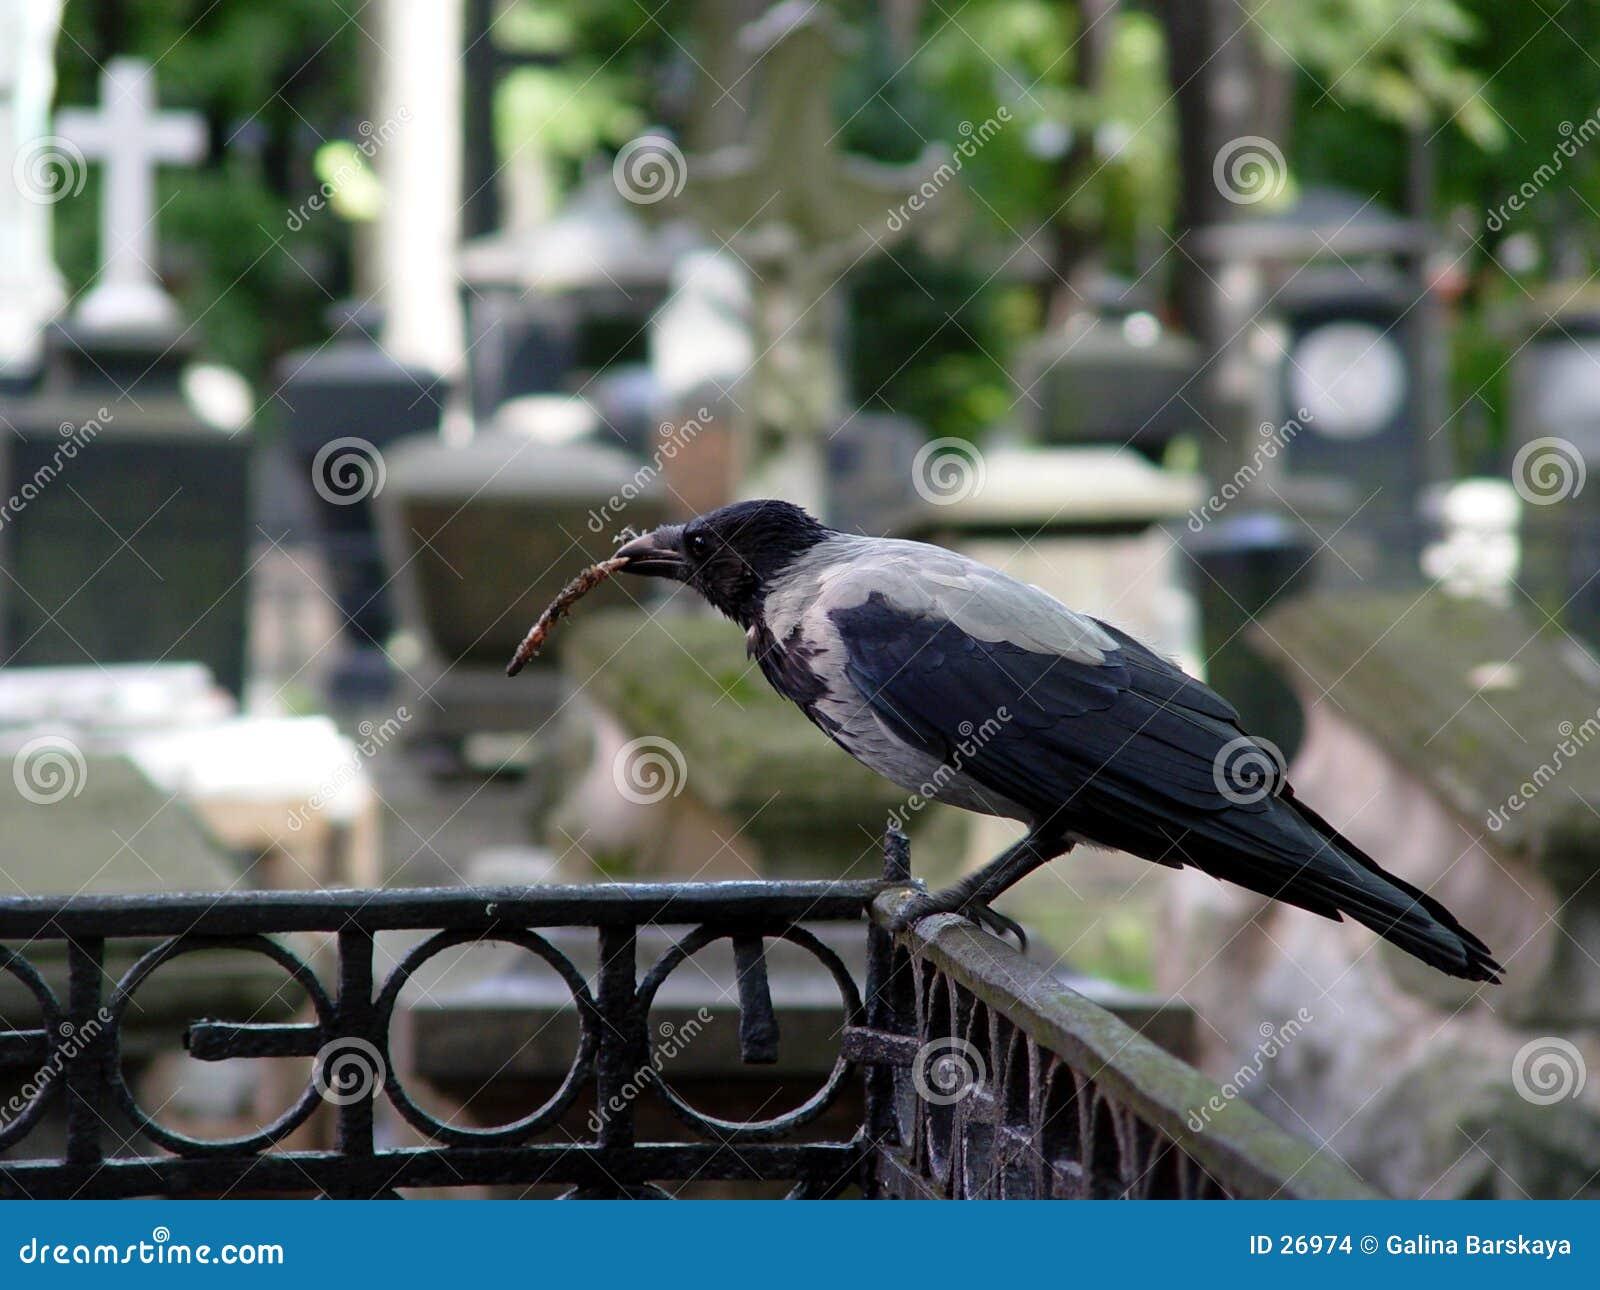 Download Cuervo en el cementerio foto de archivo. Imagen de cementerio - 26974